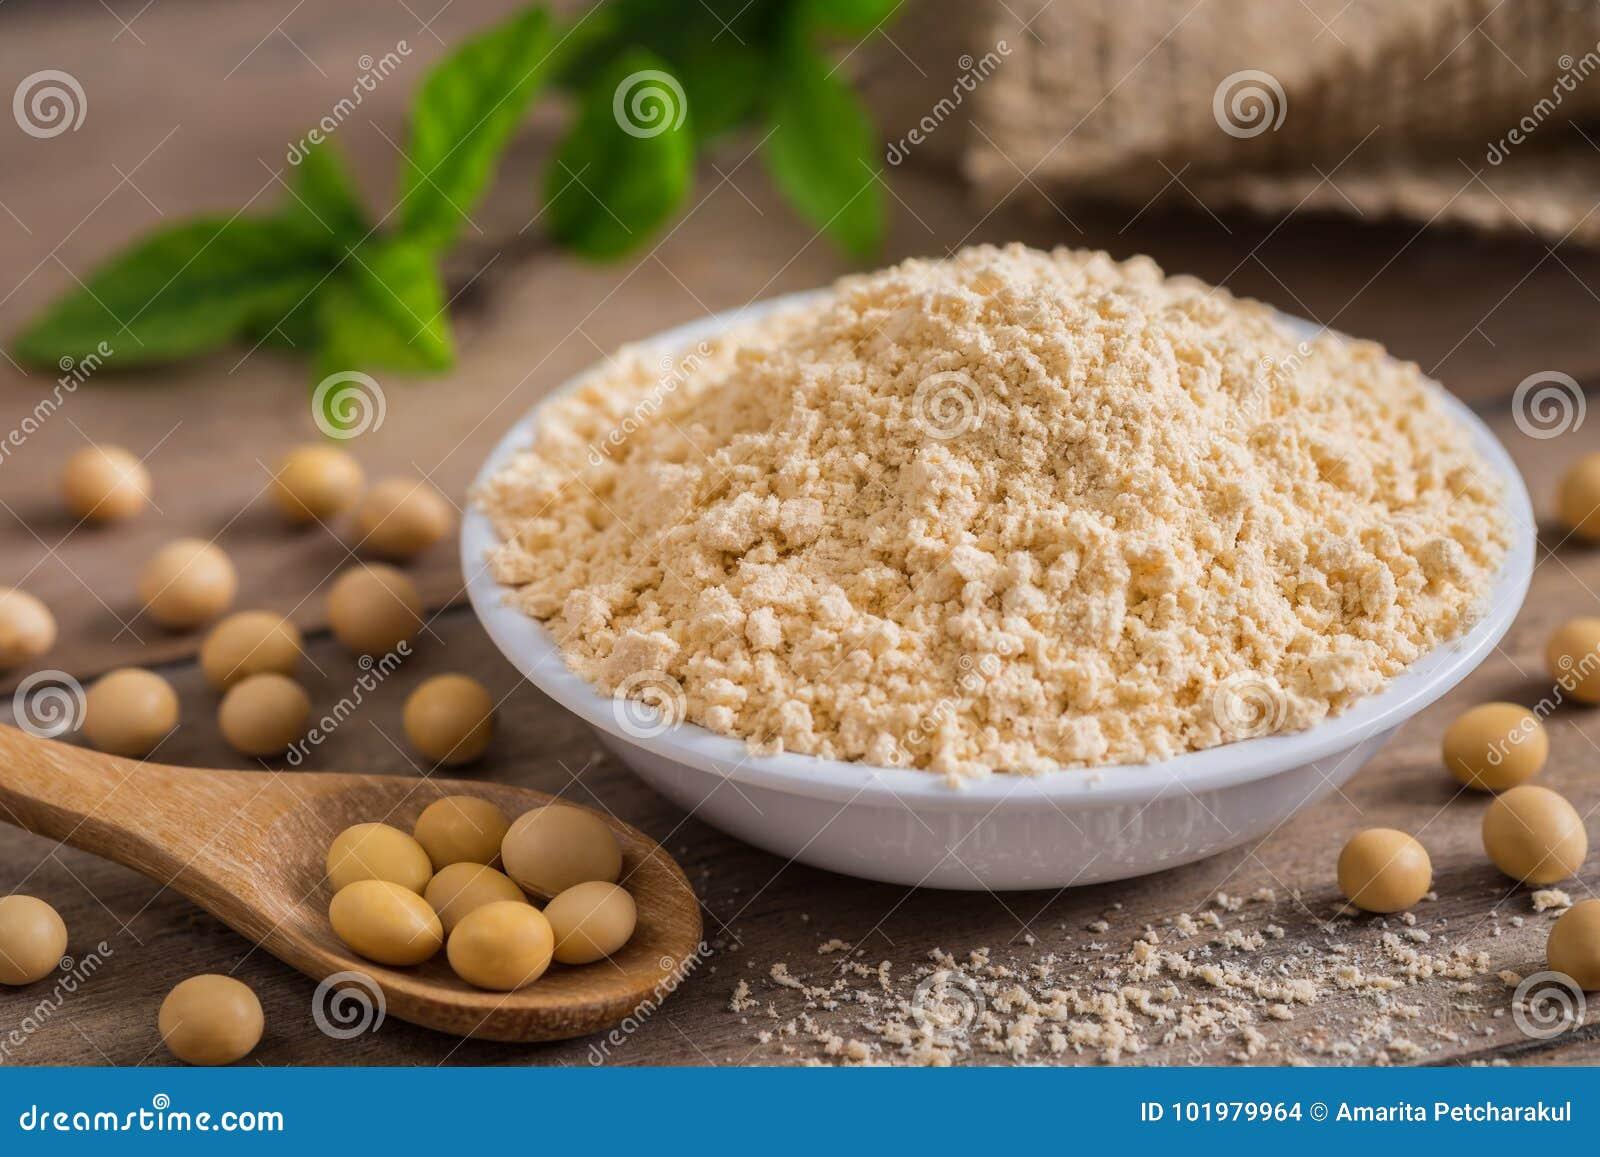 Soi mąka w pucharze i soi